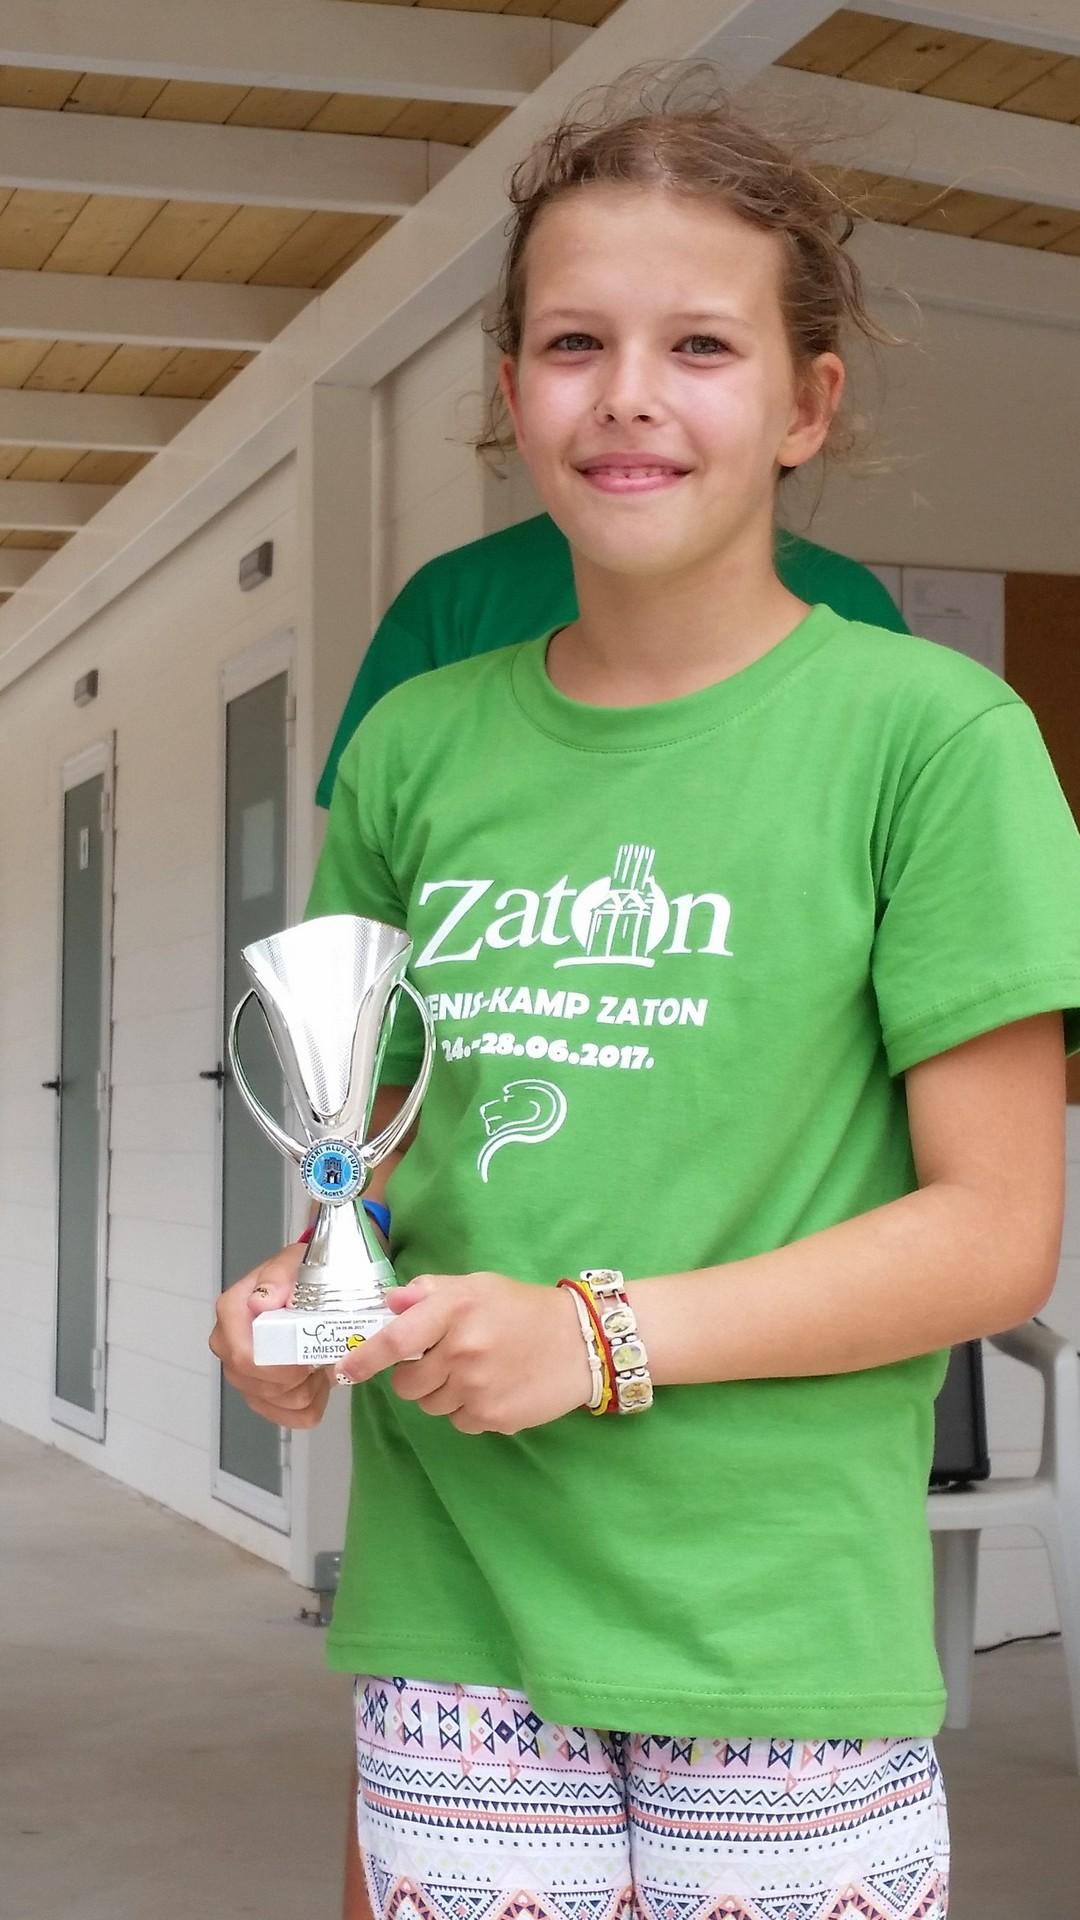 Tenis kamp Zaton 2017 (111)